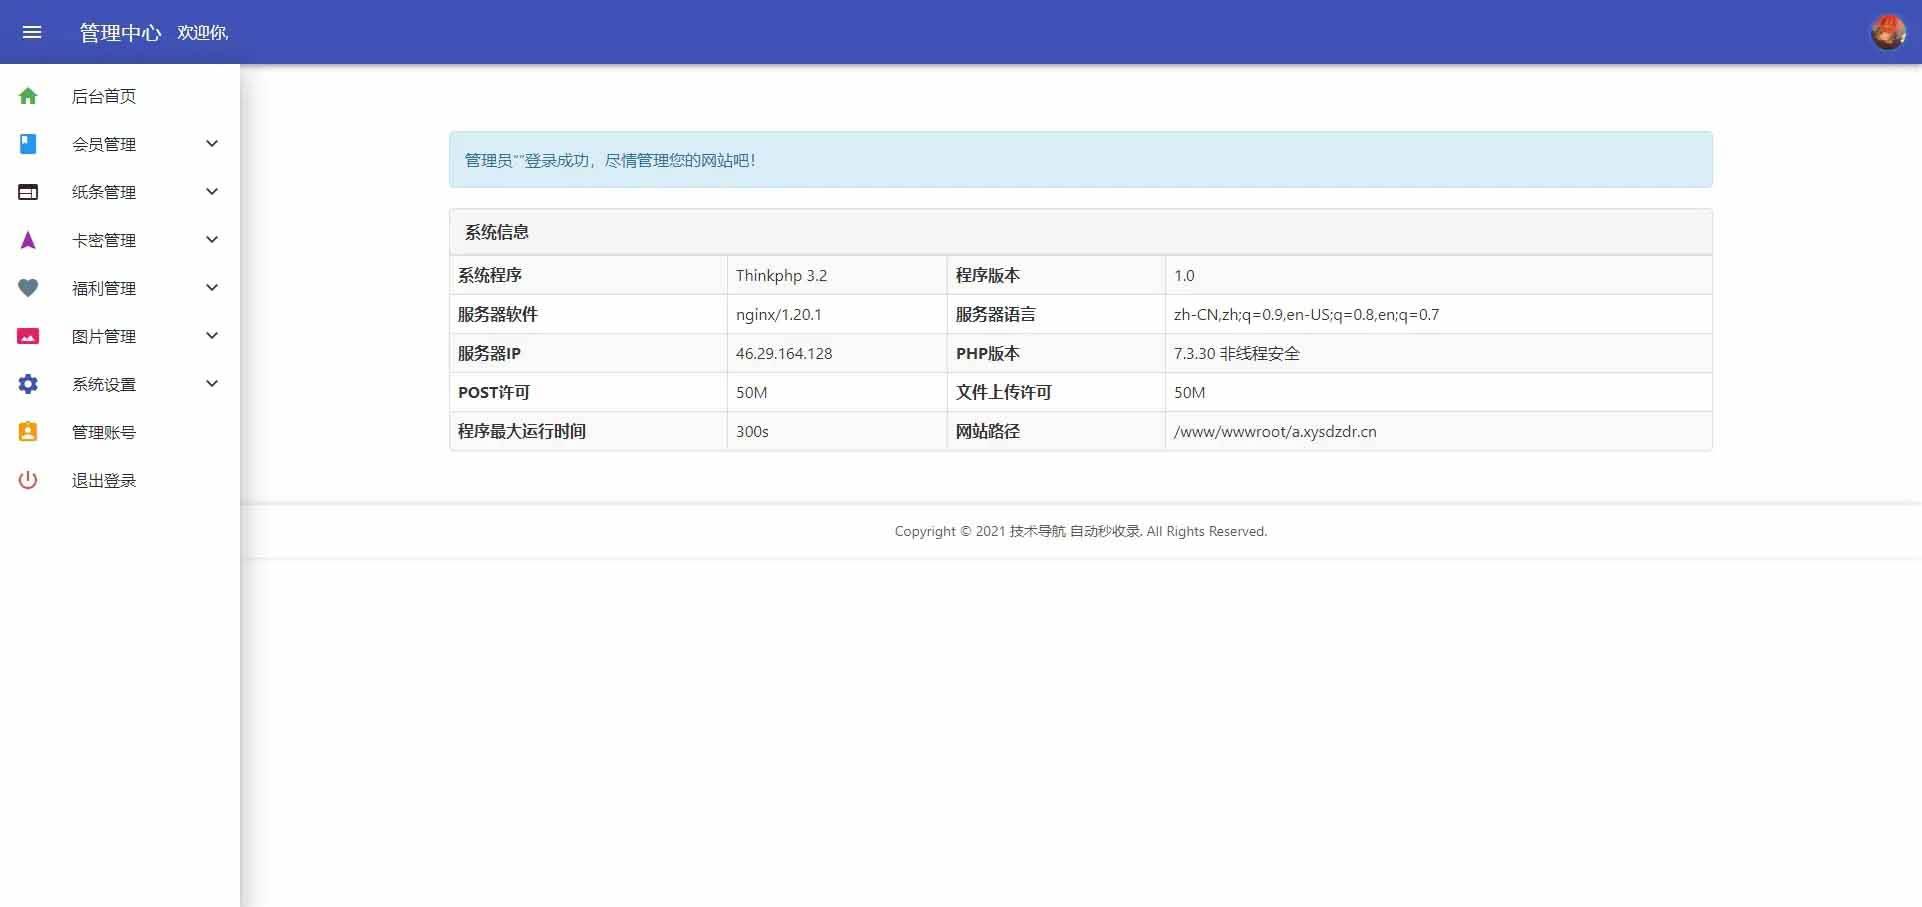 免许可单交友盲盒H5小程序APP源代码插图3